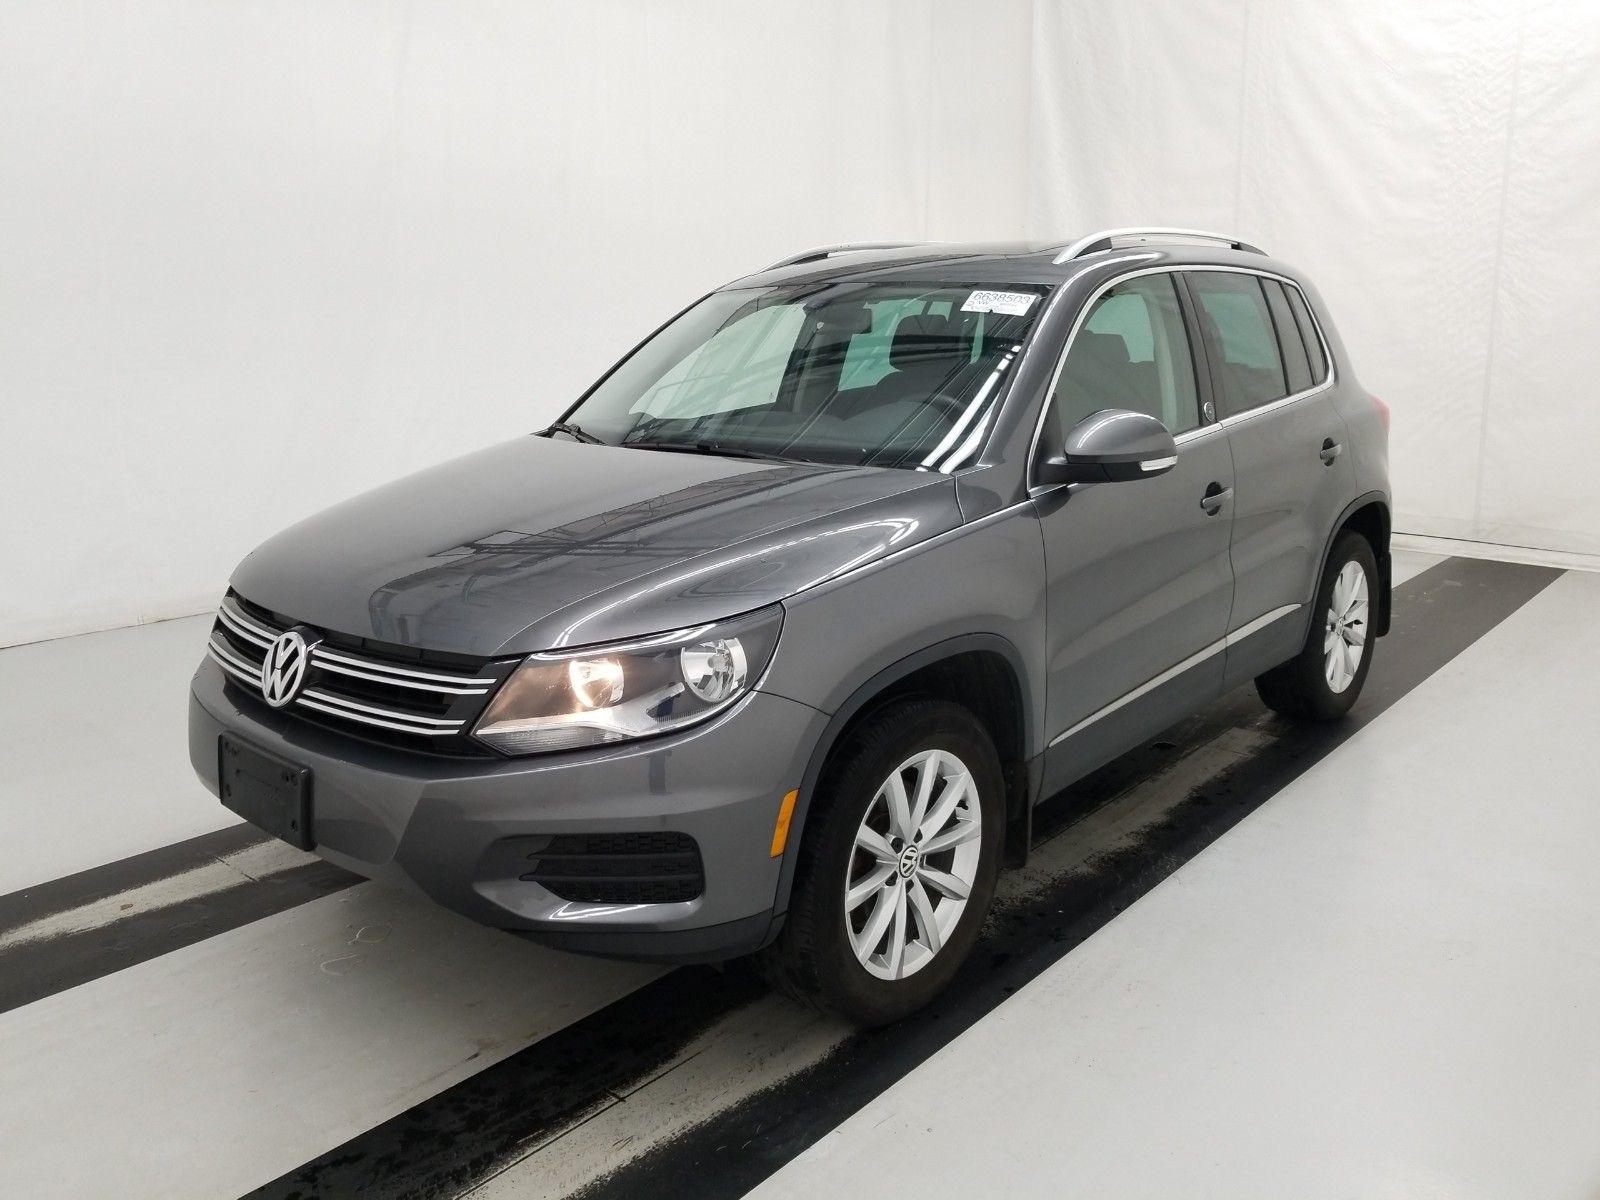 2017 Volkswagen Tiguan 2.0. Lot 99921323131 Vin WVGSV7AXXHK030519